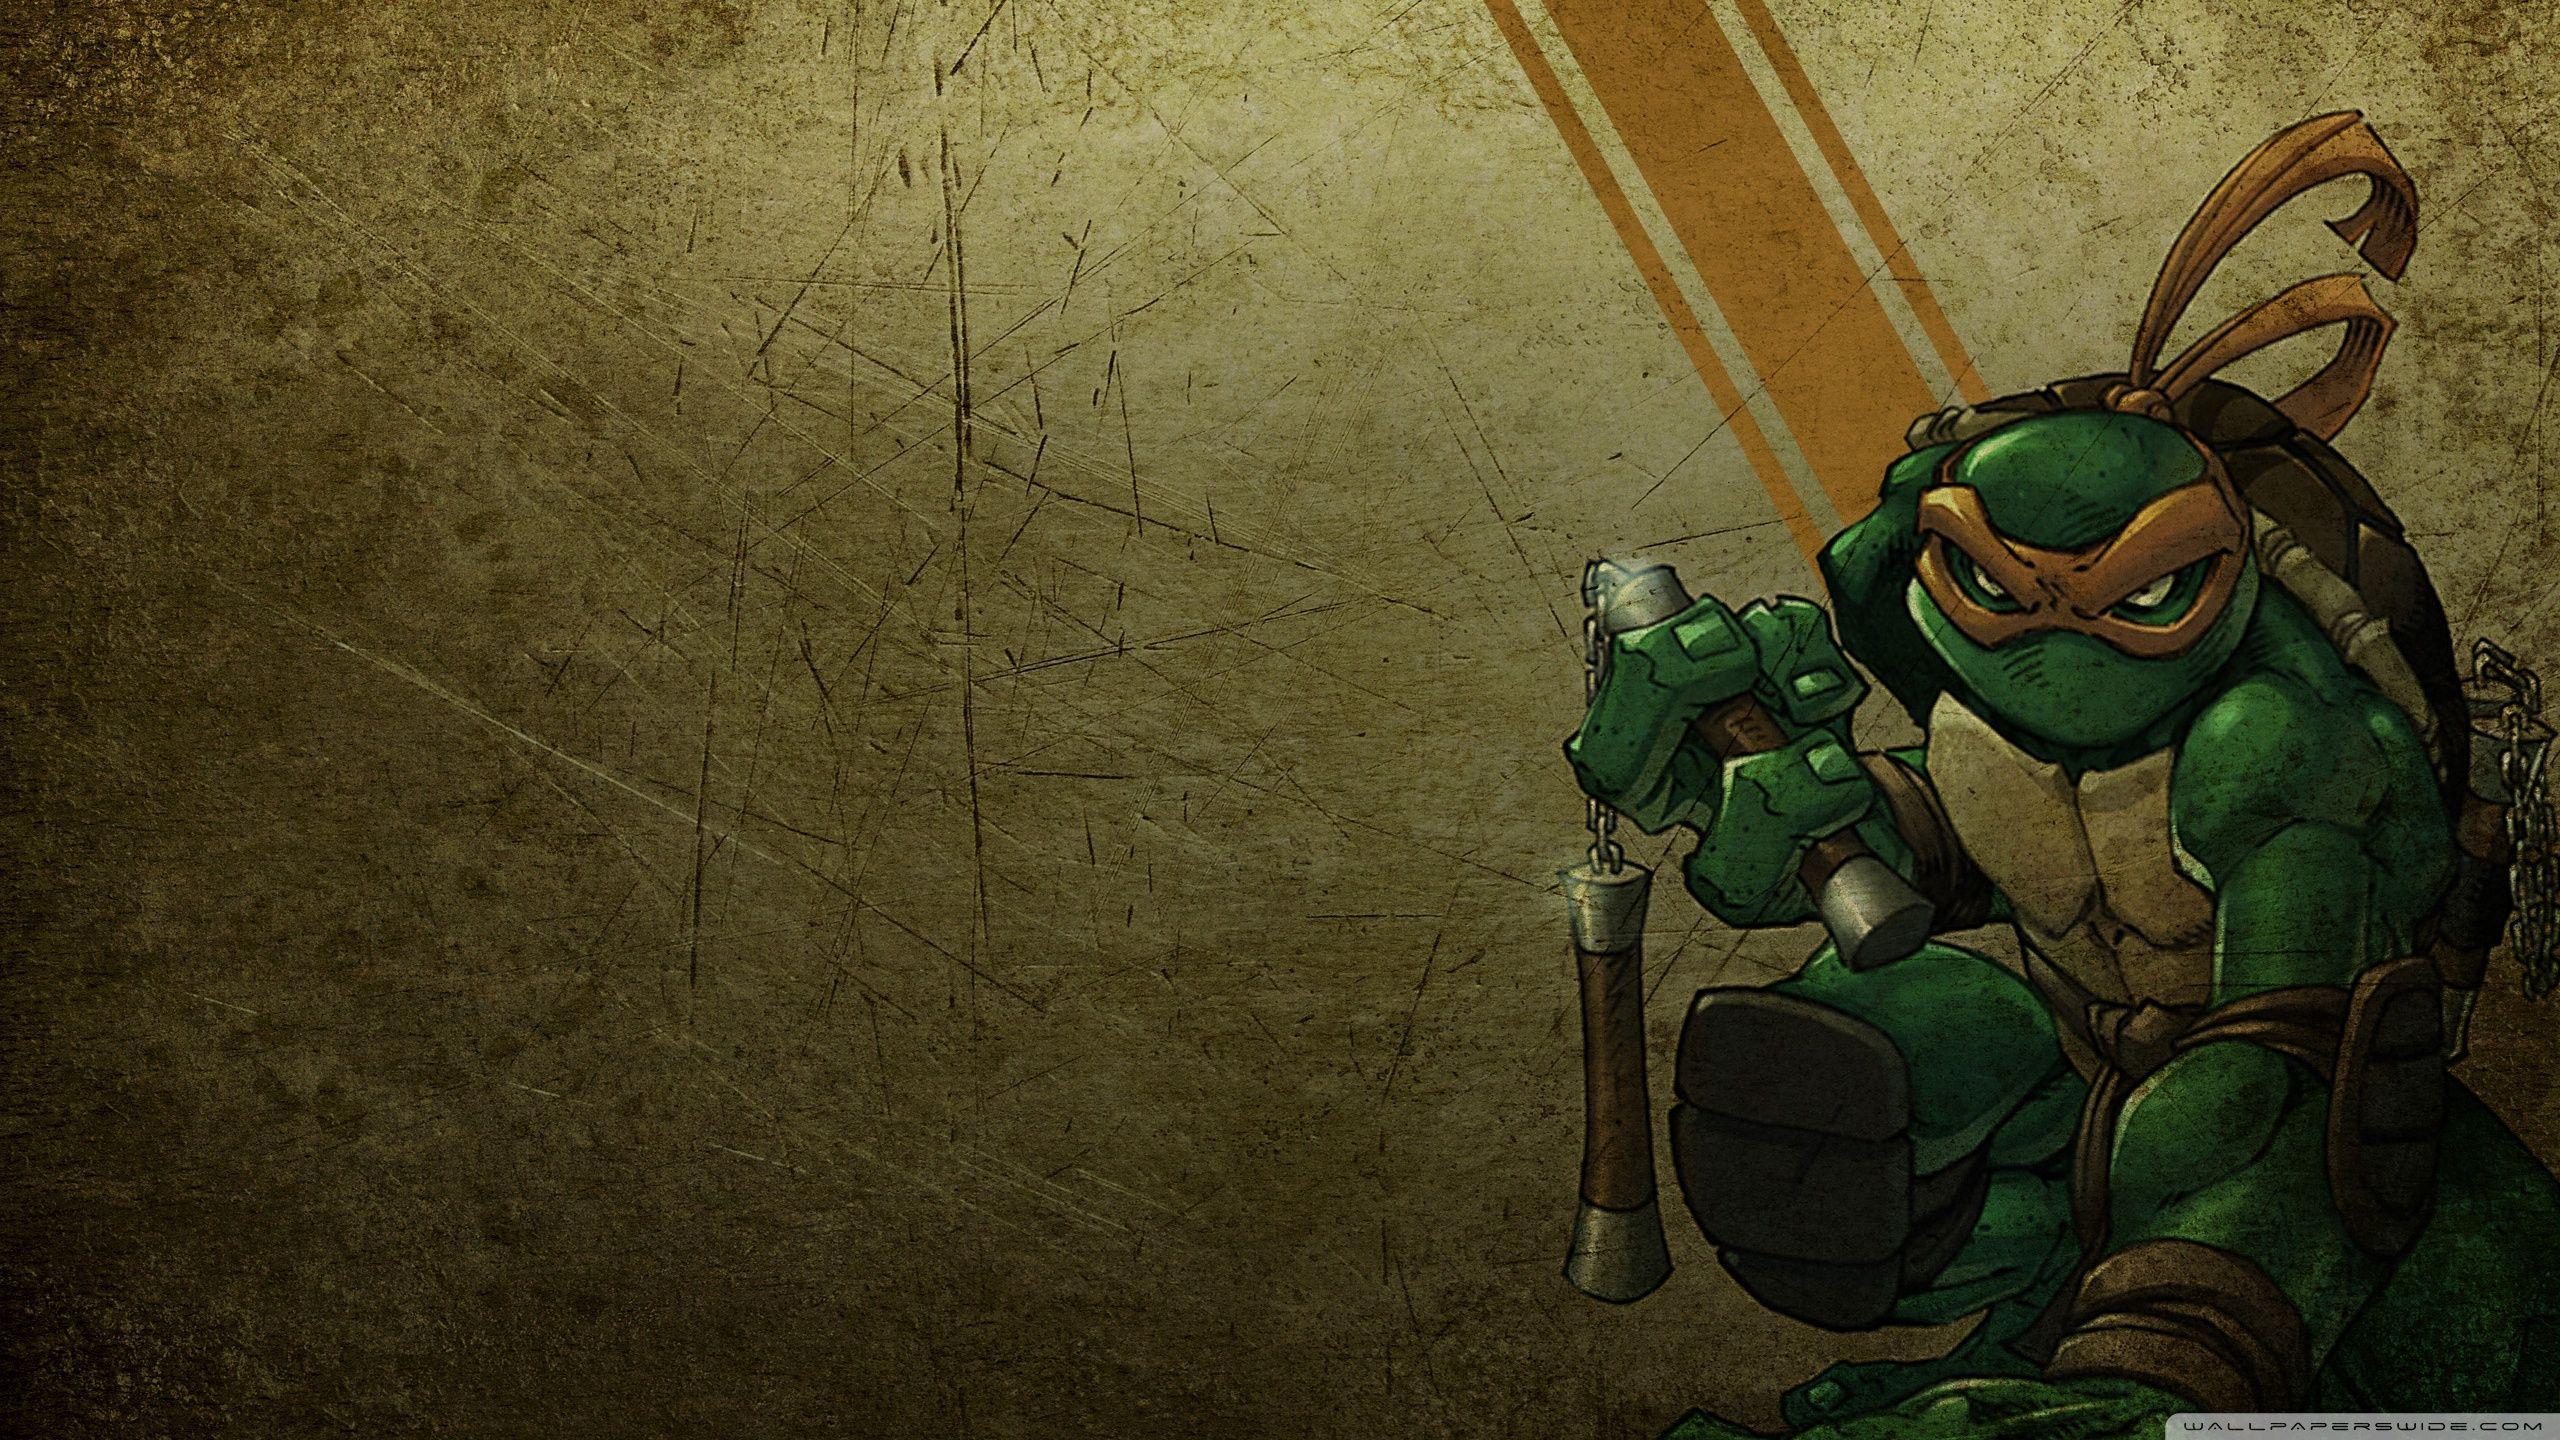 Michelangelo wallpapers top free michelangelo backgrounds wallpaperaccess - Ninja turtles wallpaper ...